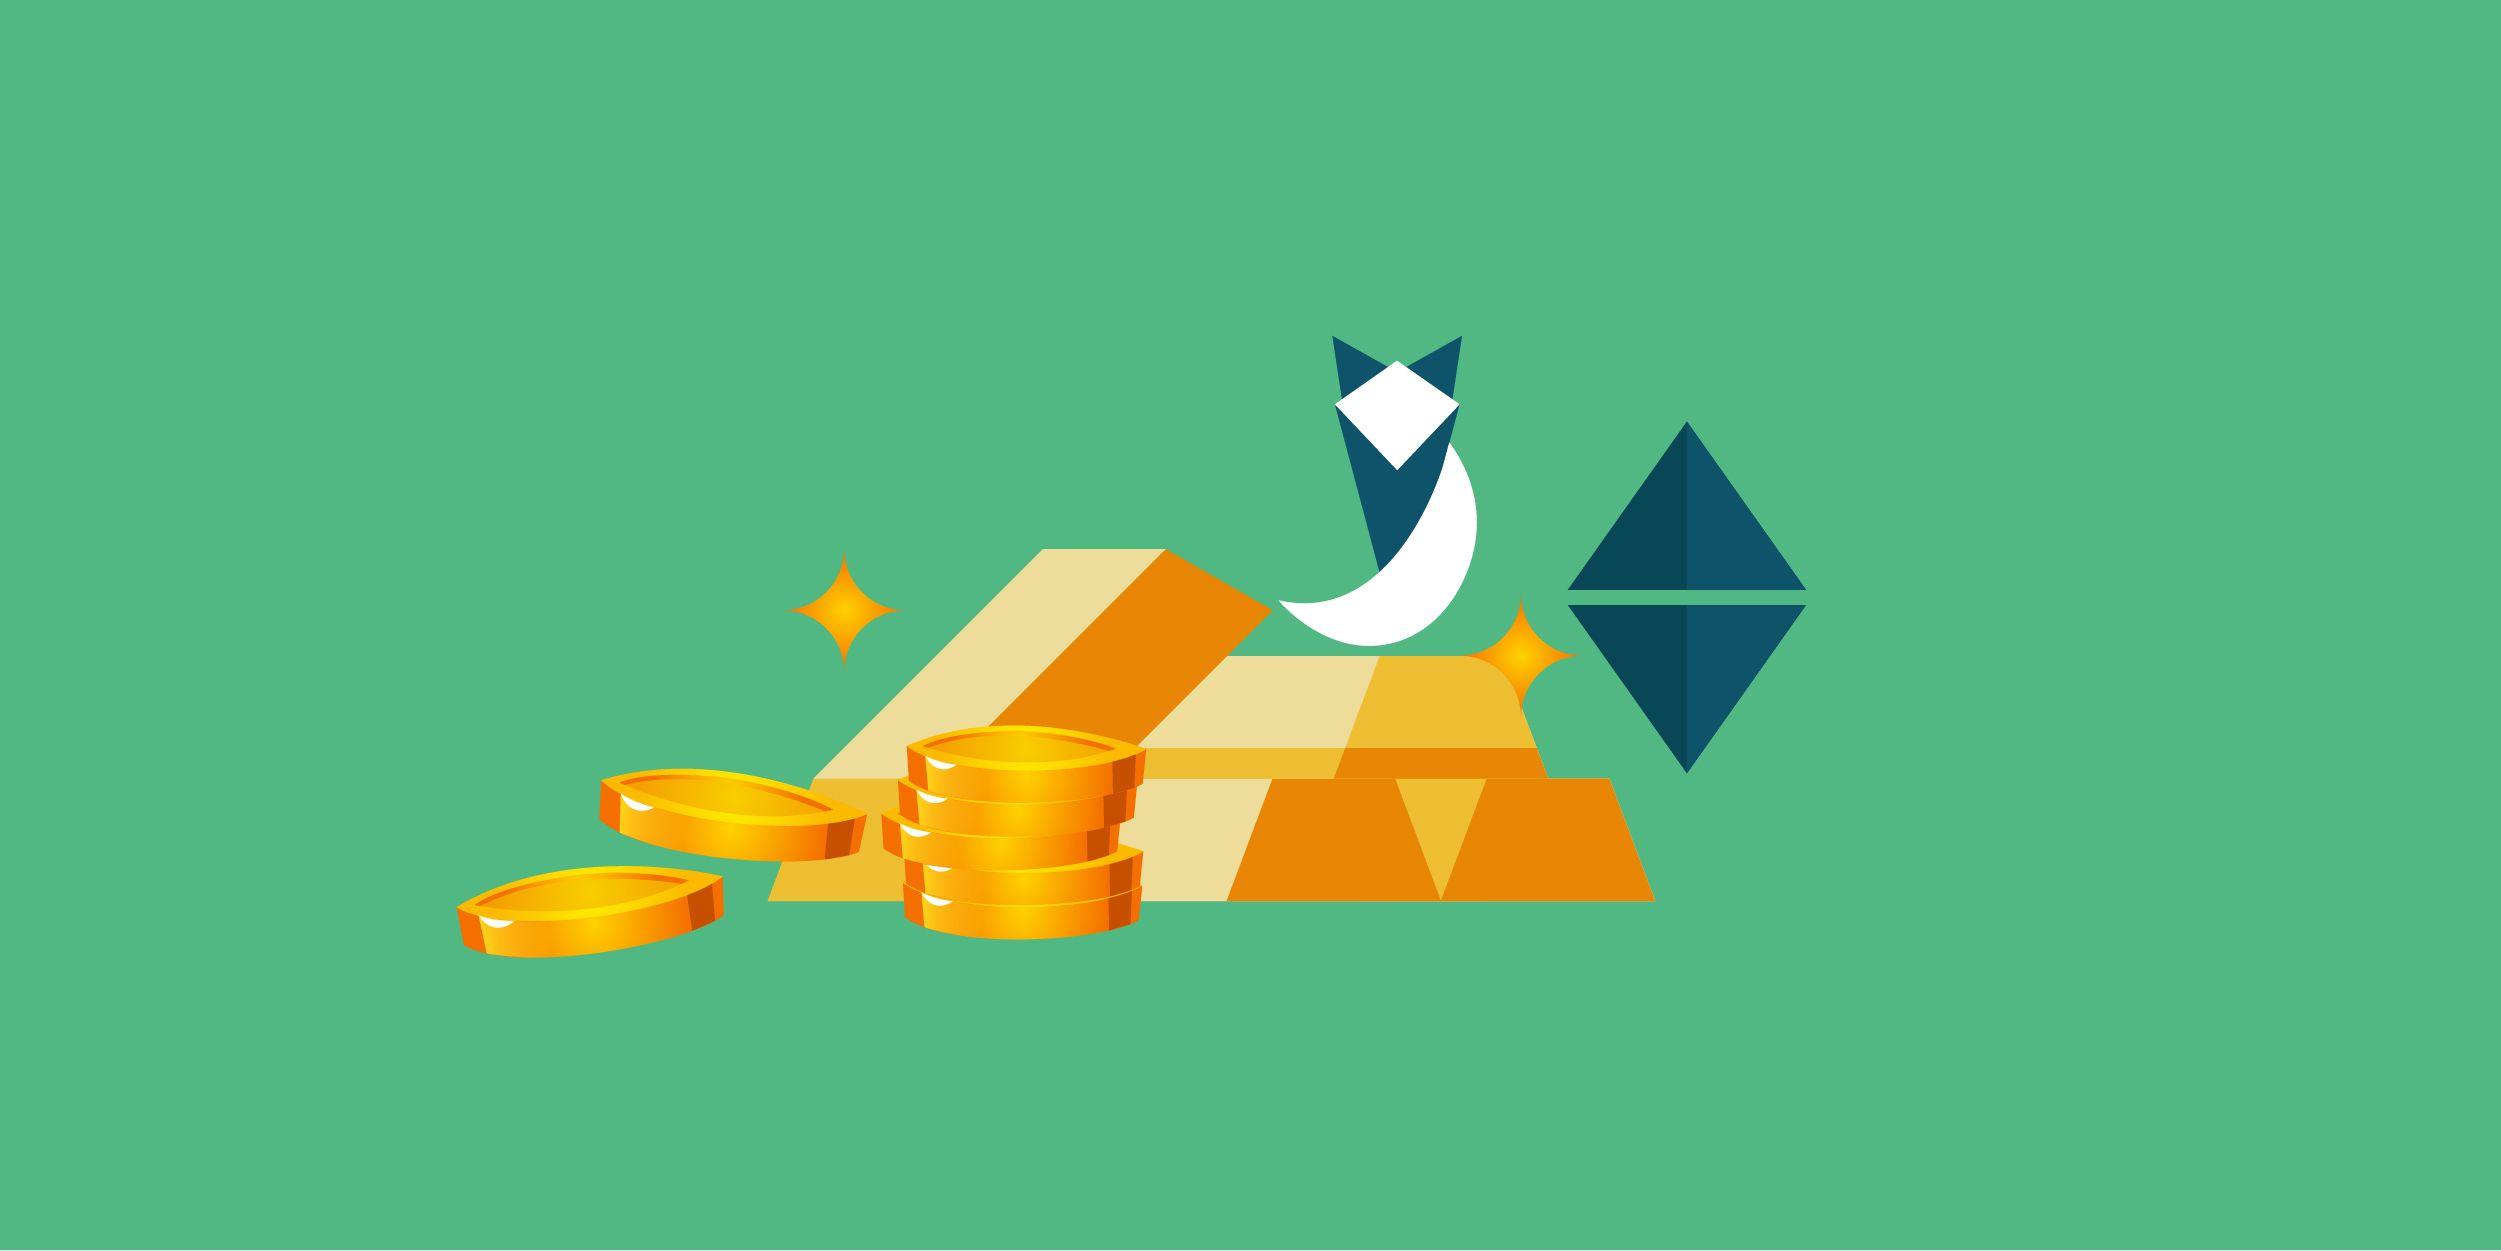 أسعار الدهب في مصر اليوم: الاثنين 23 أغسطس 2021